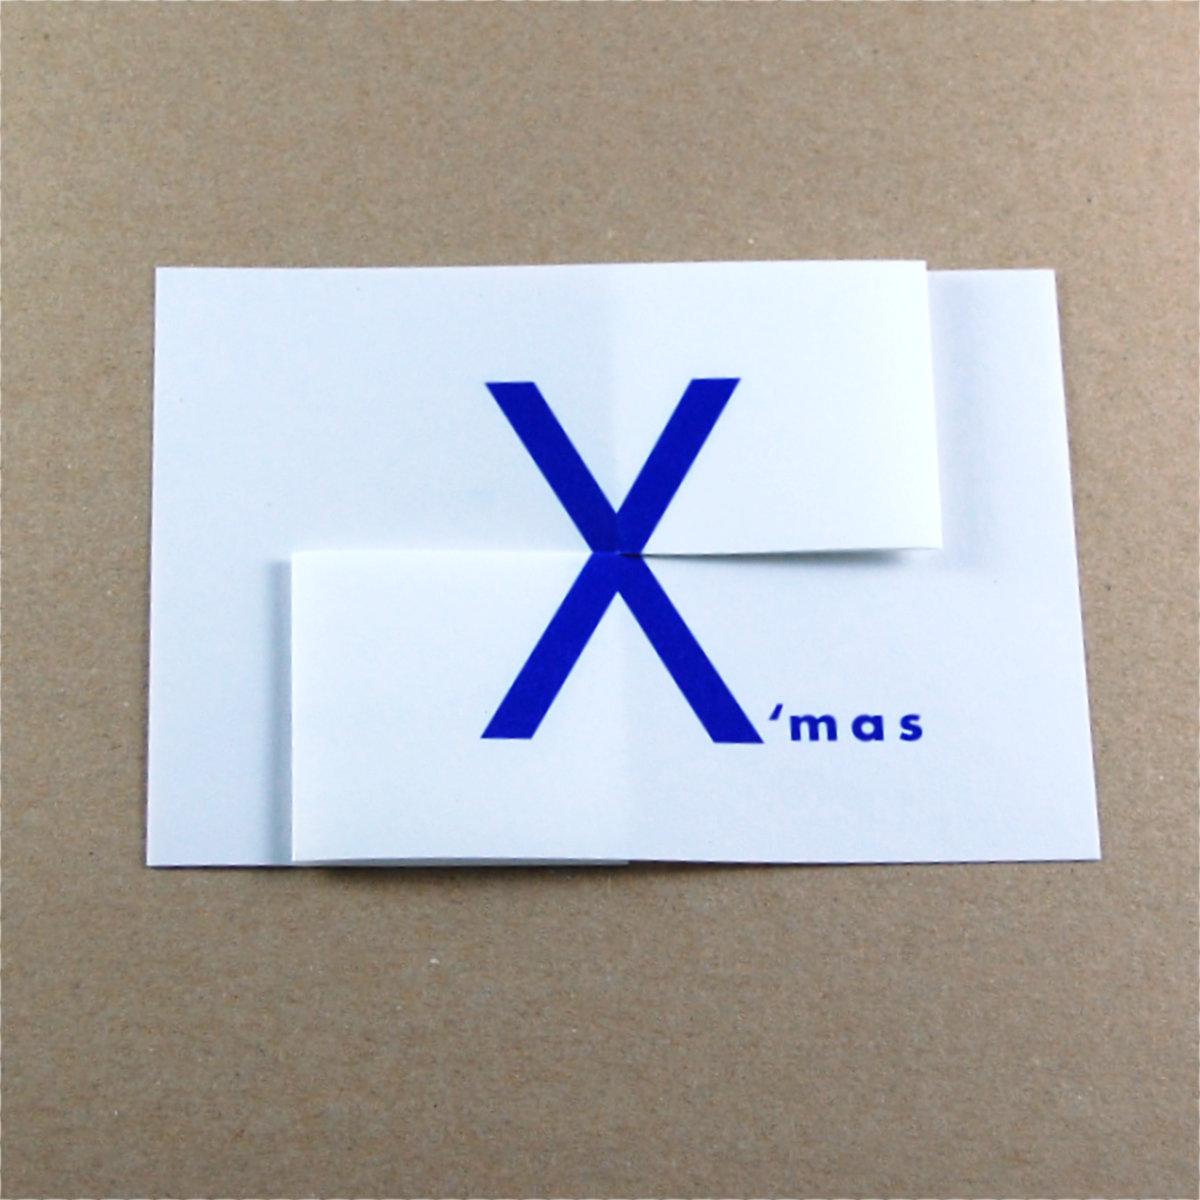 Internationale designer weihnachtskarten merry x mas - Interaktive weihnachtskarte ...